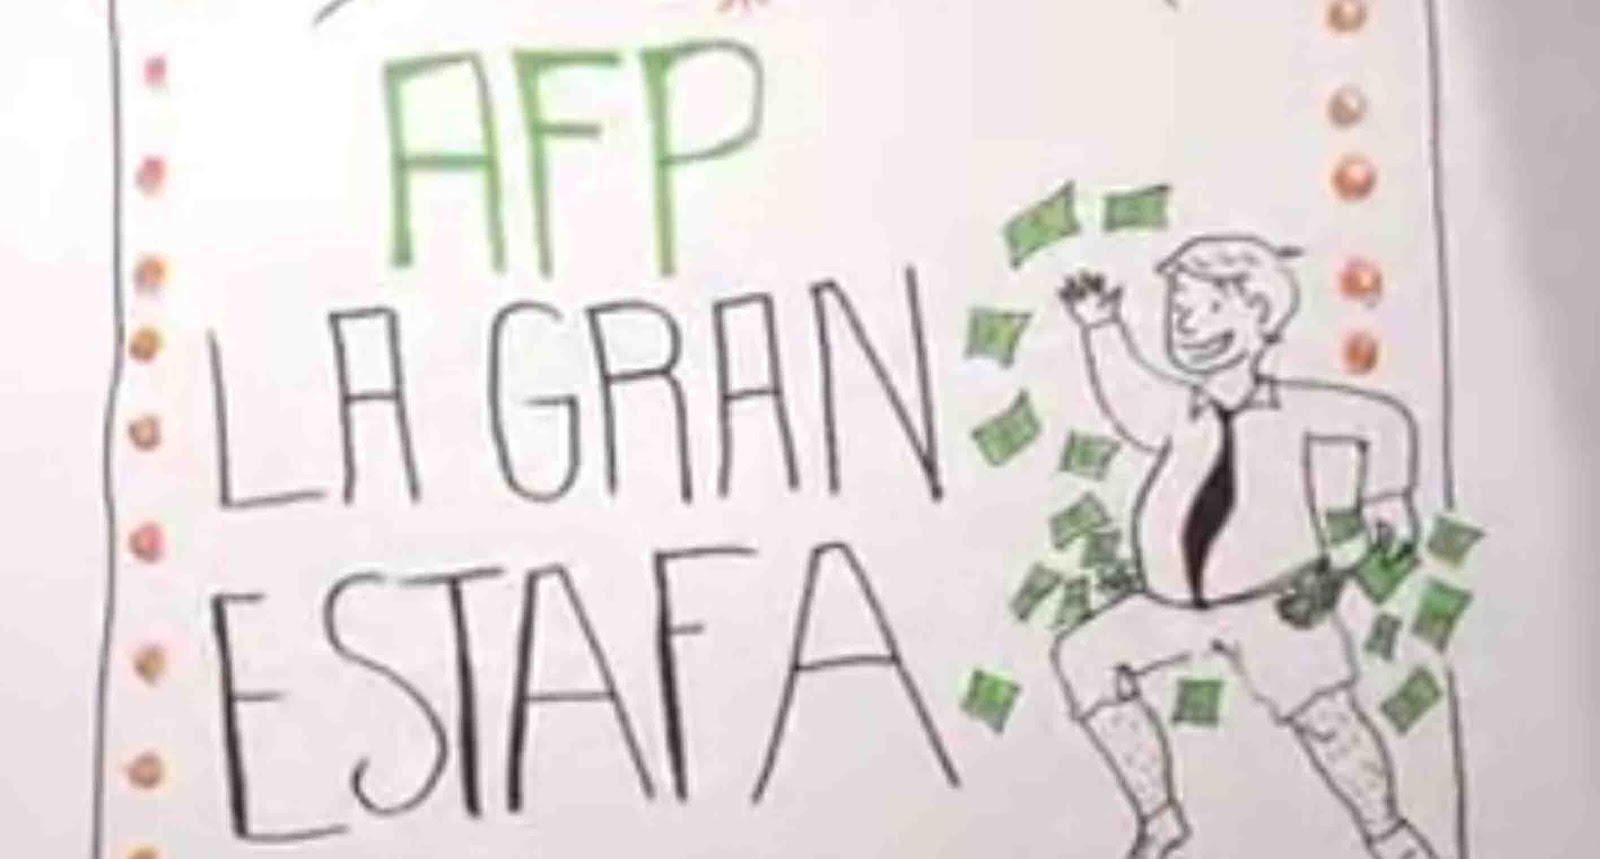 La increíble estafa de las AFP explicada paso a paso